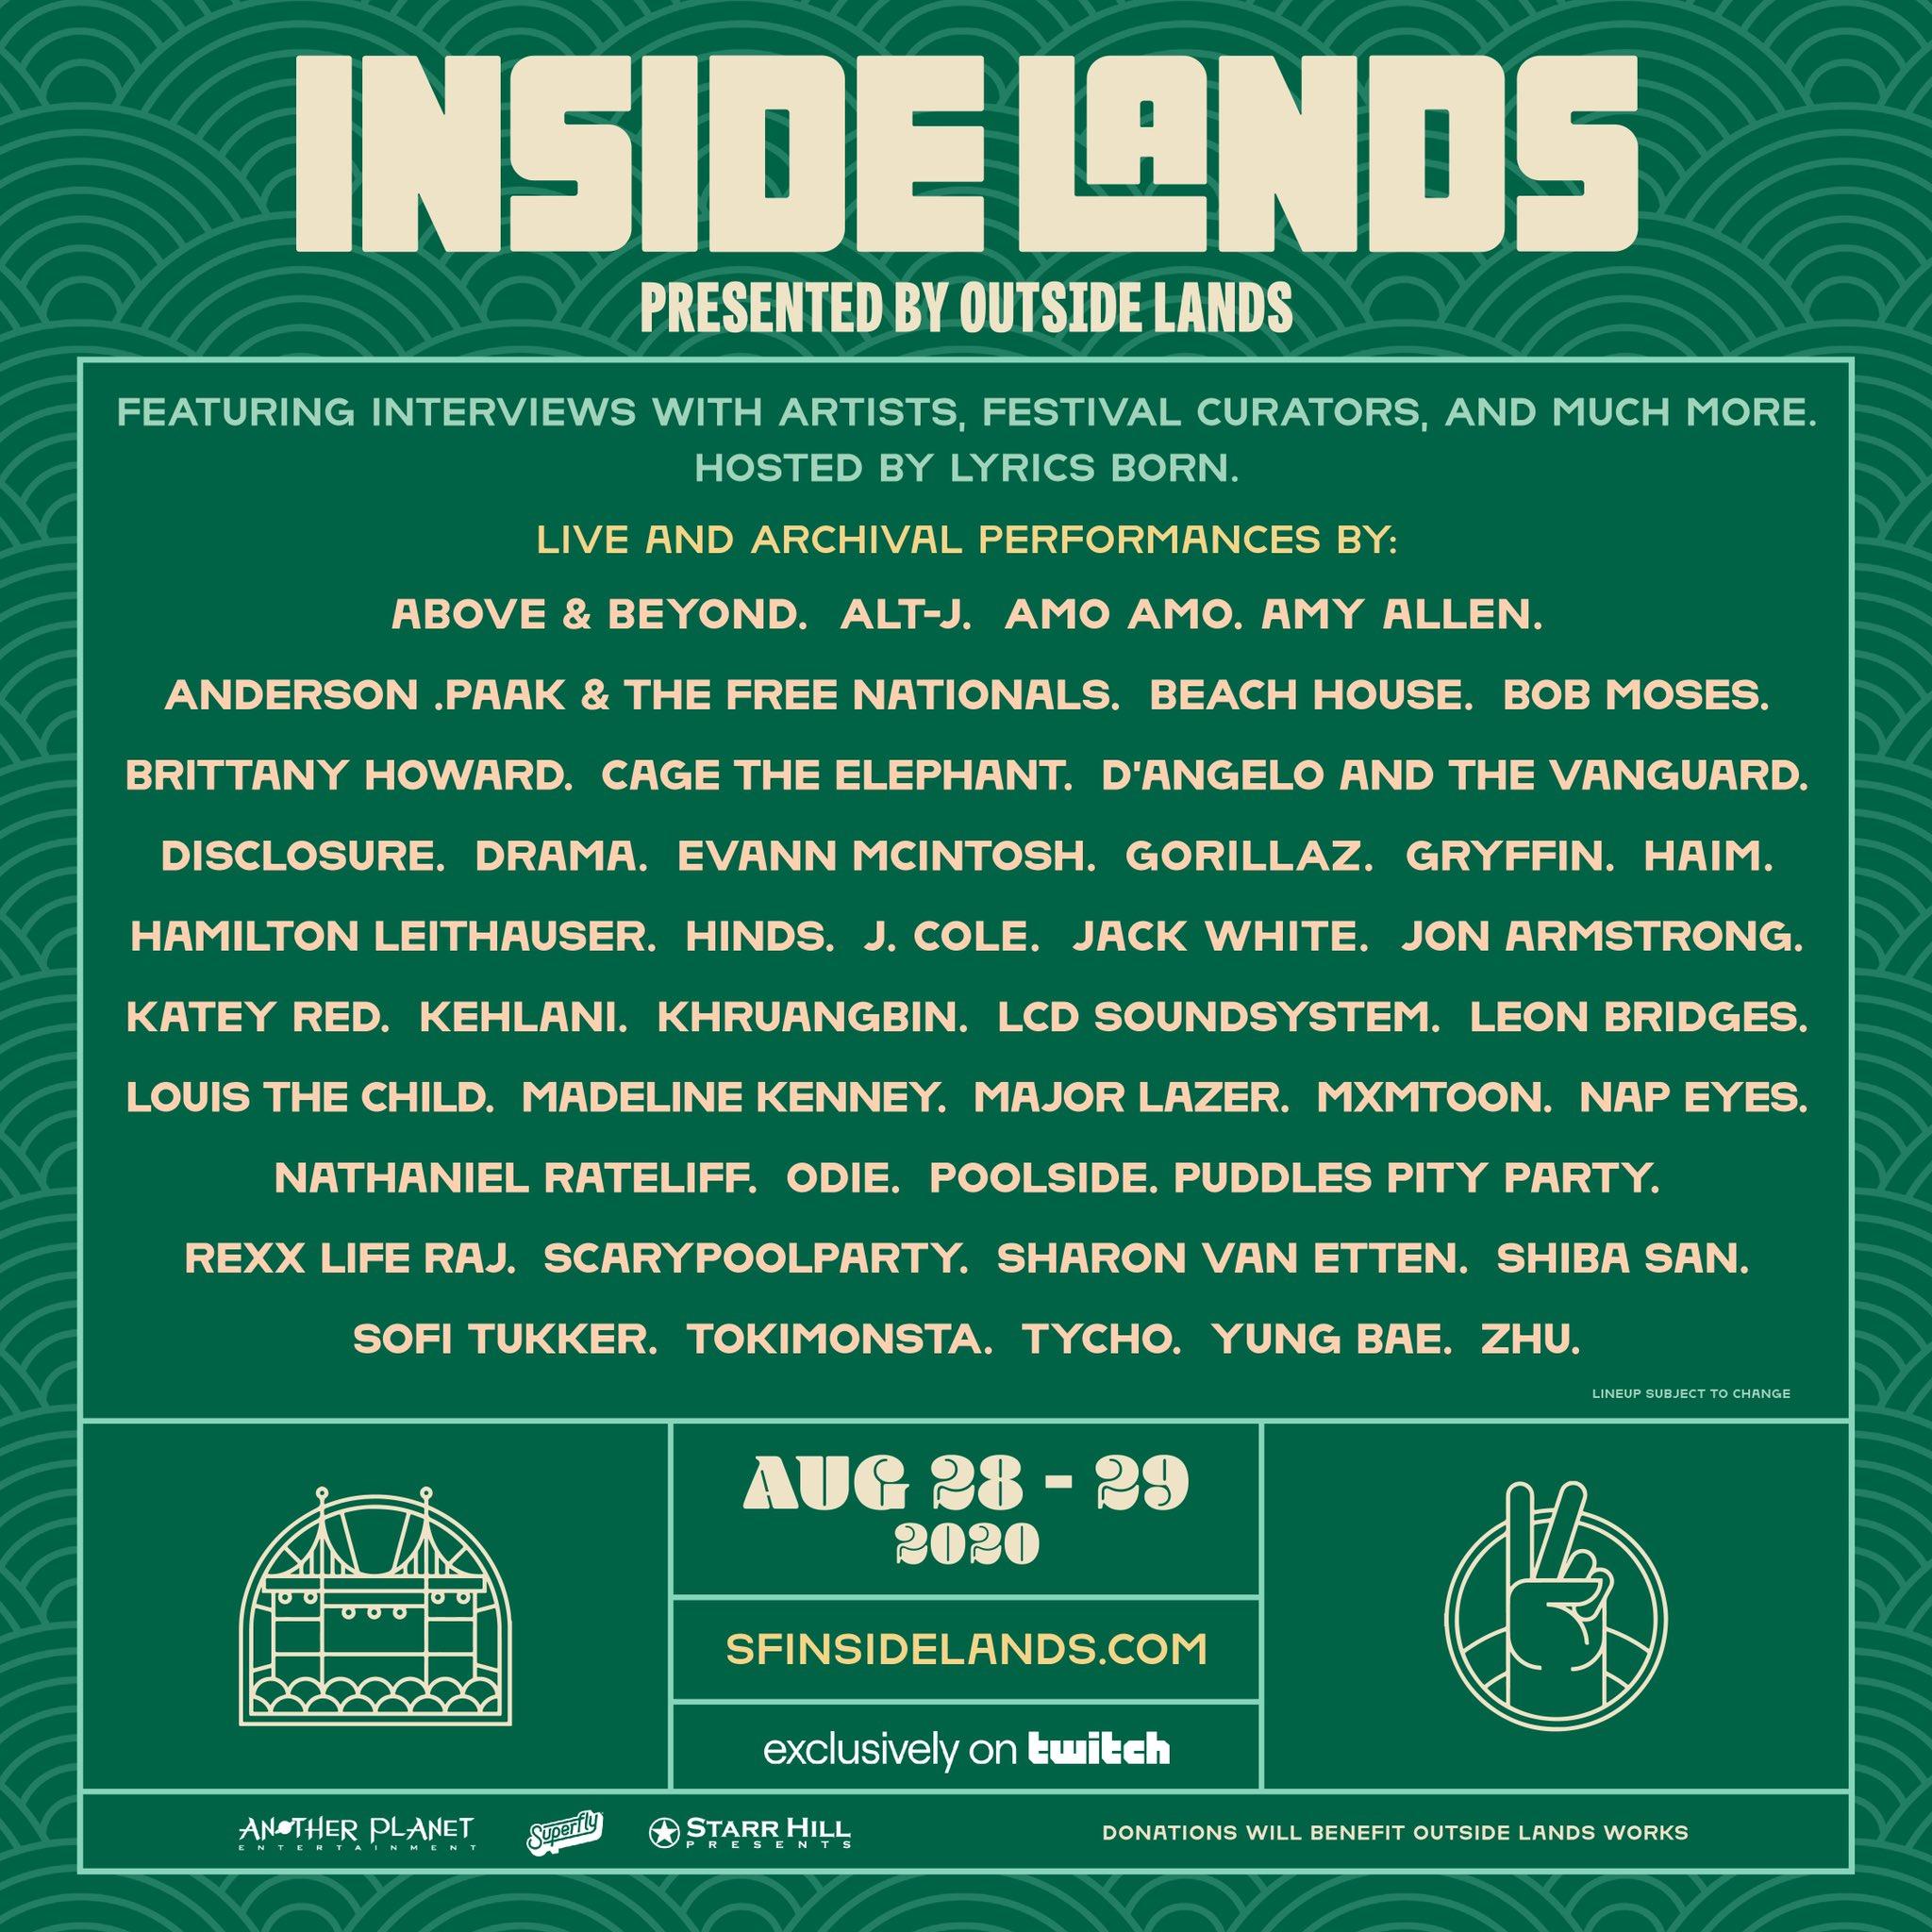 Inside Lands Live Stream